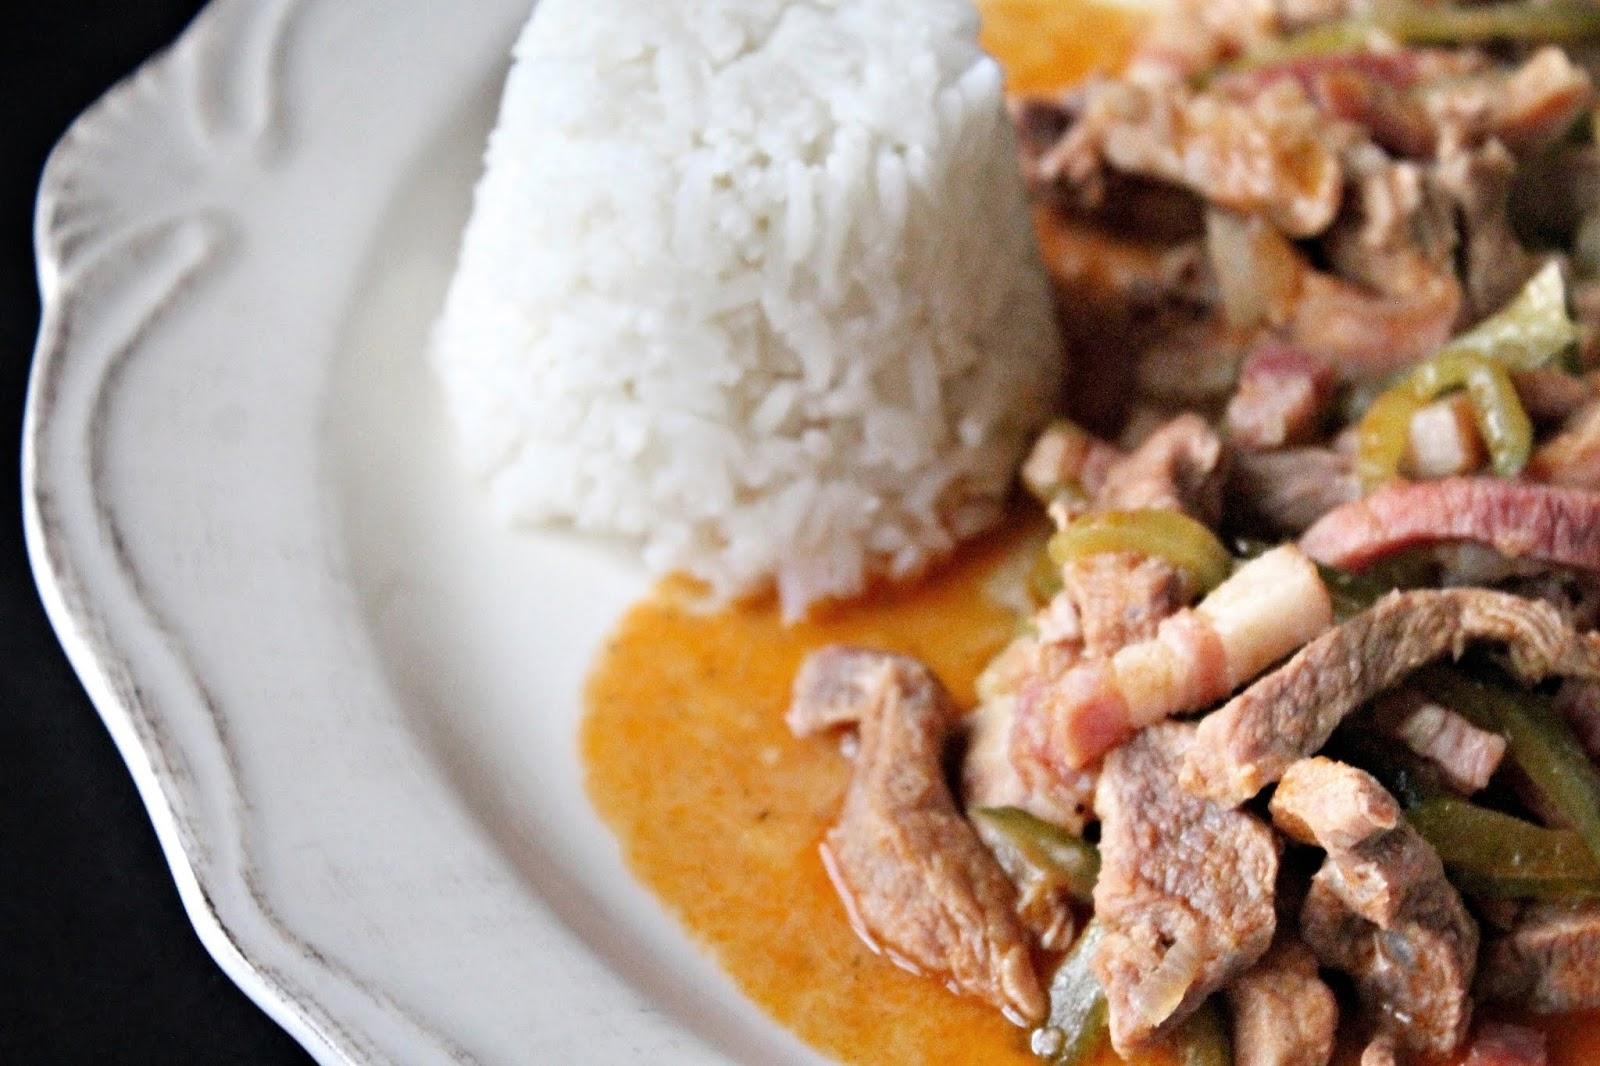 eltávolítja a zsírt a kihúzott sertéshúsból